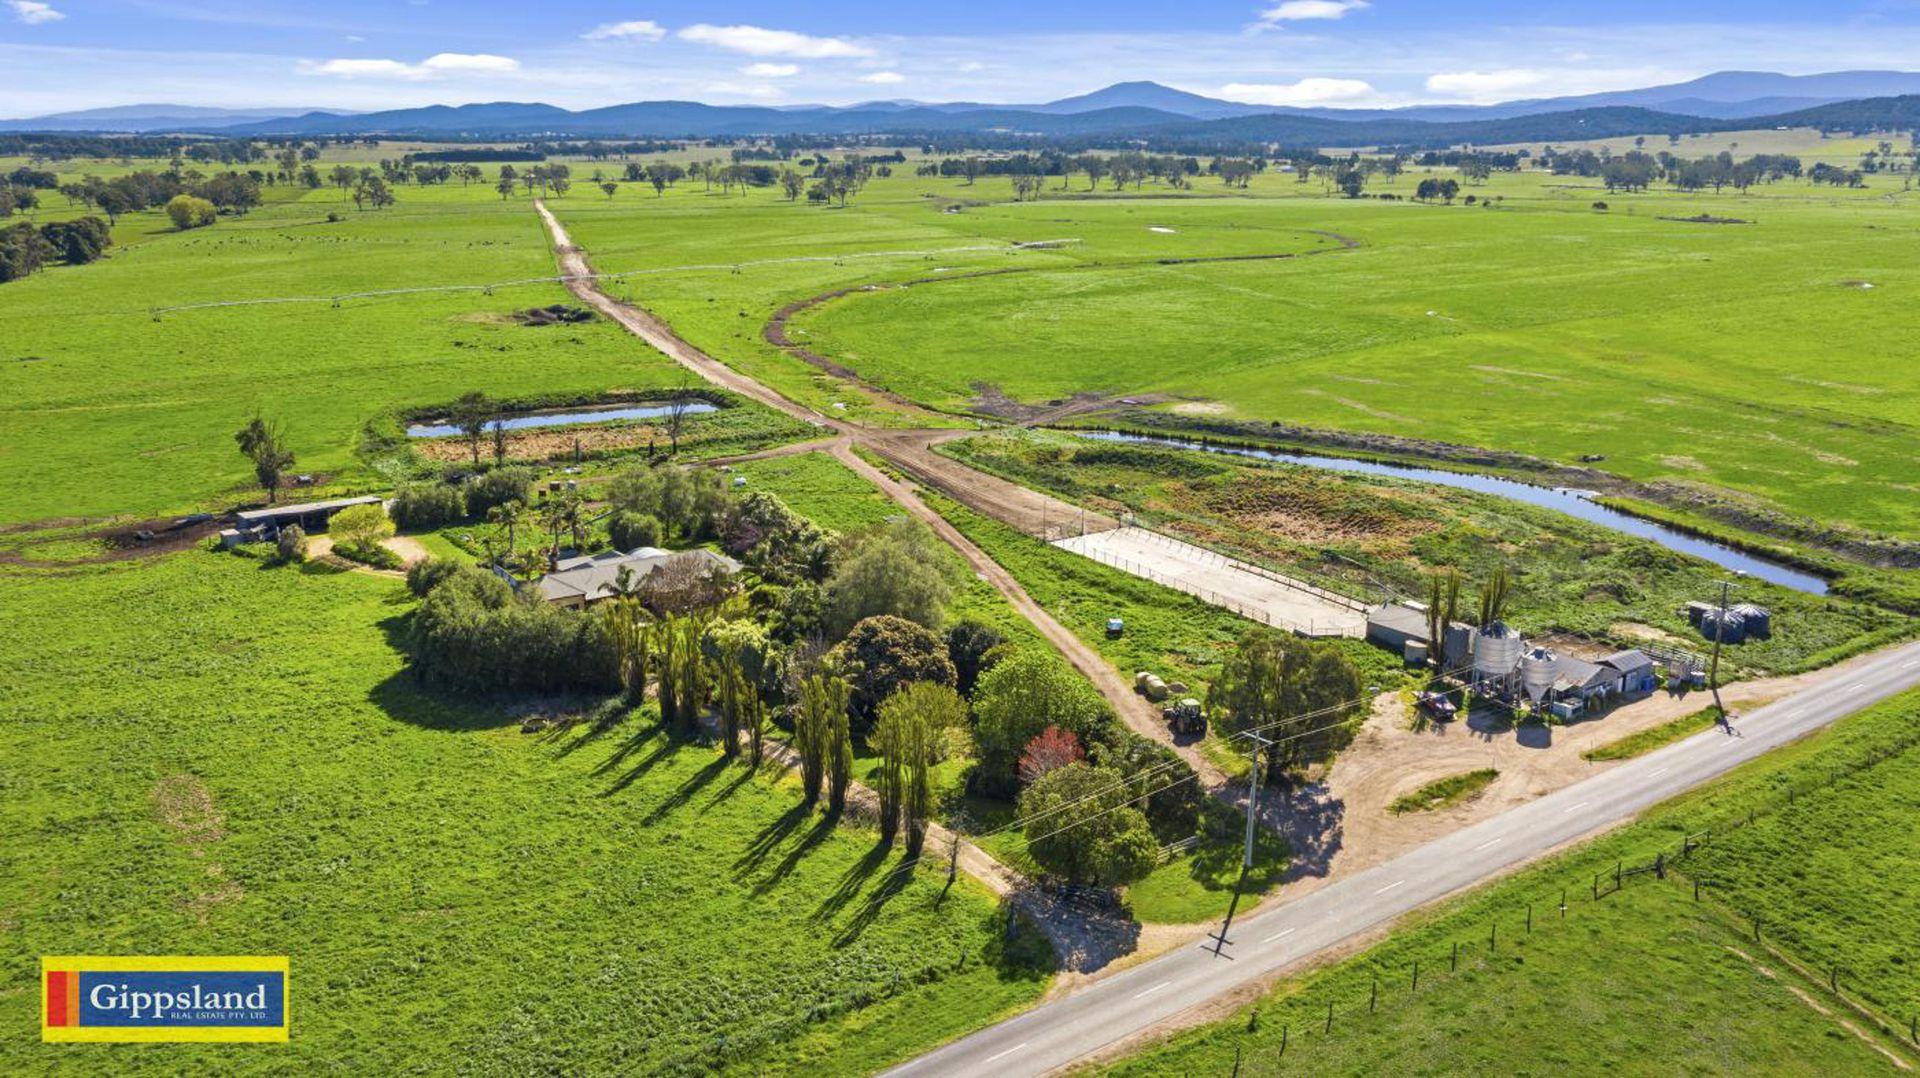 199 Boisdale - Valencia Creek Road, Boisdale VIC 3860, Image 0